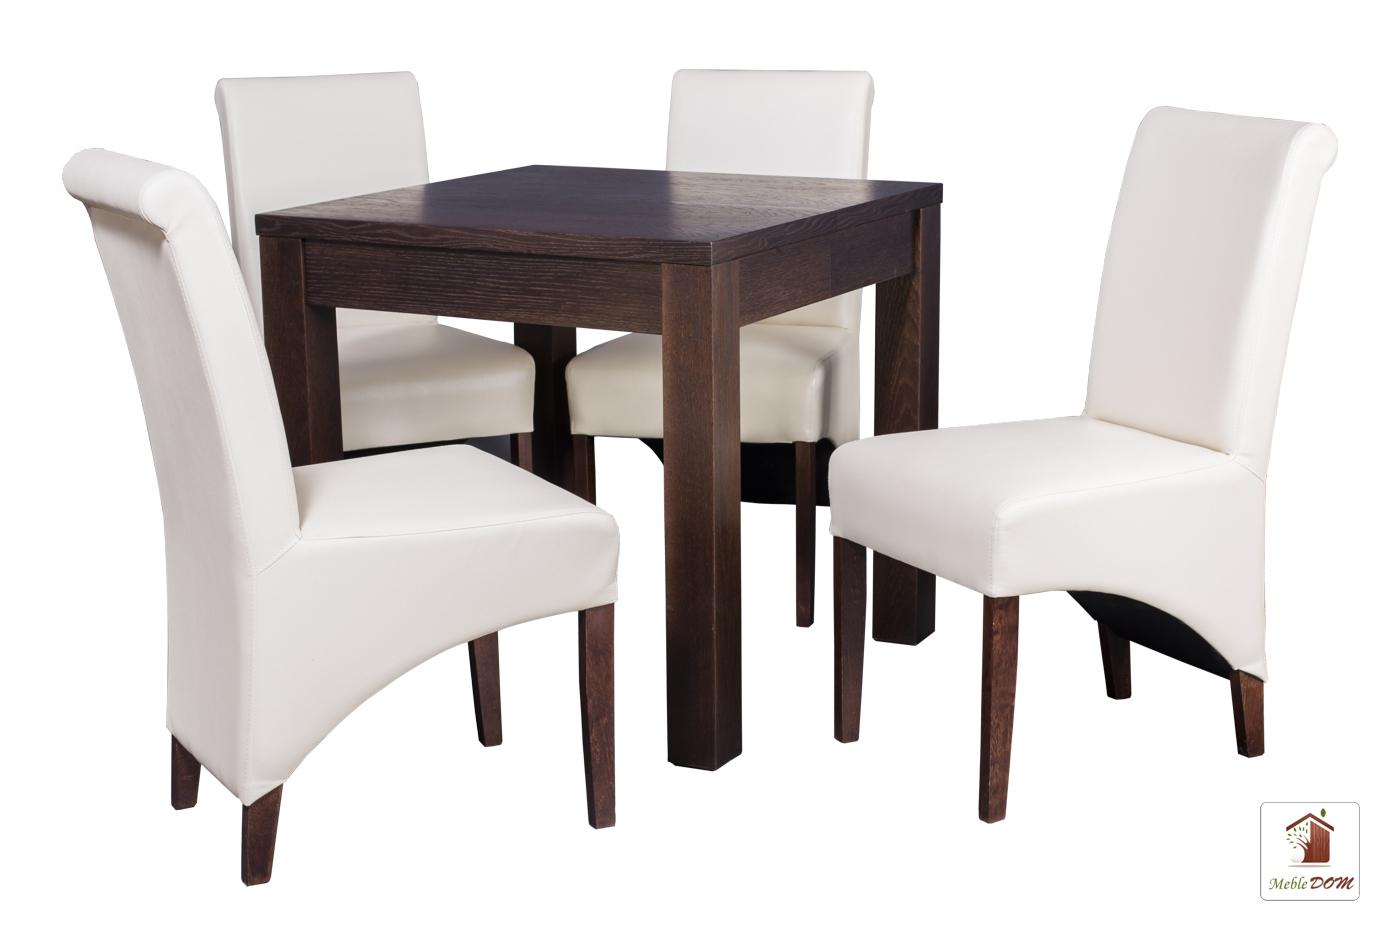 Kwadratowy Stół Rozkładany Strong Square Z Krzesłami Cc 4 Meble